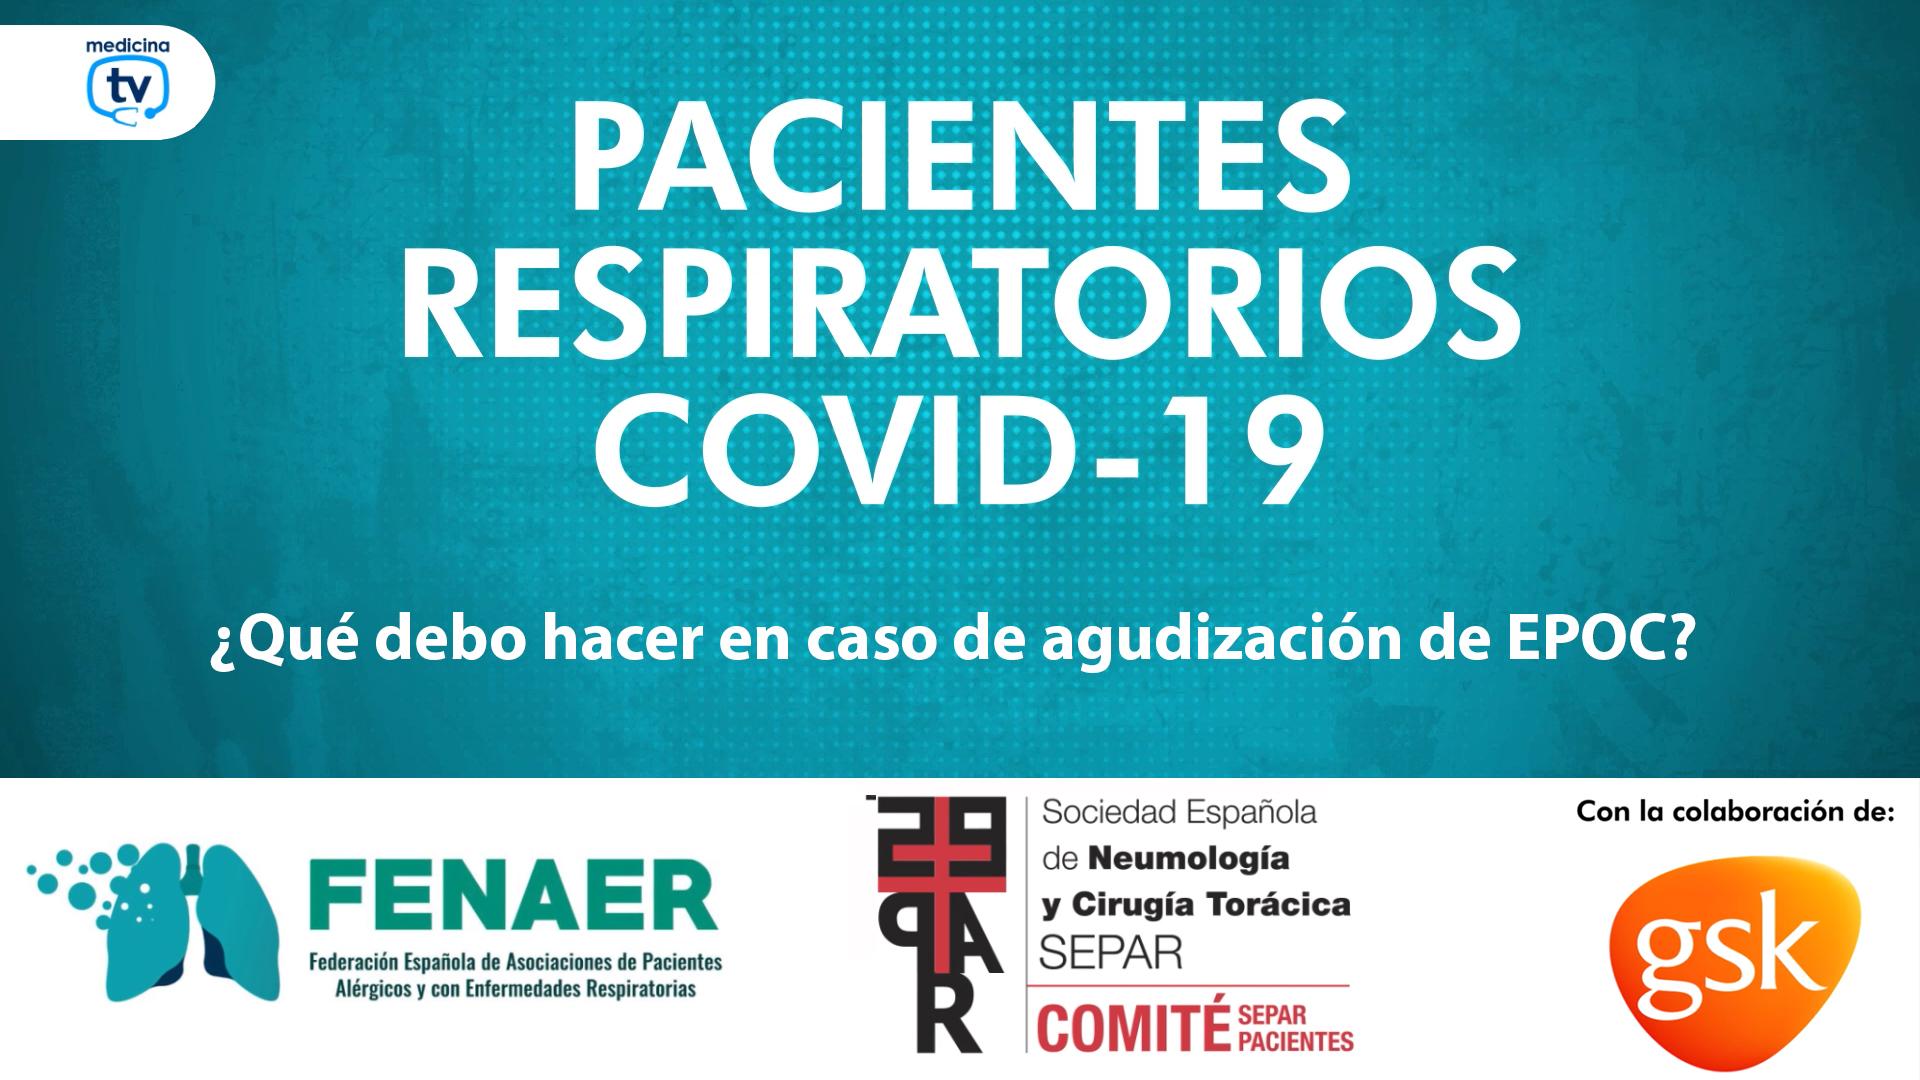 Ante la aparición de síntomas, los pacientes con EPOC deben descartar la covid-19 de modo inmediato